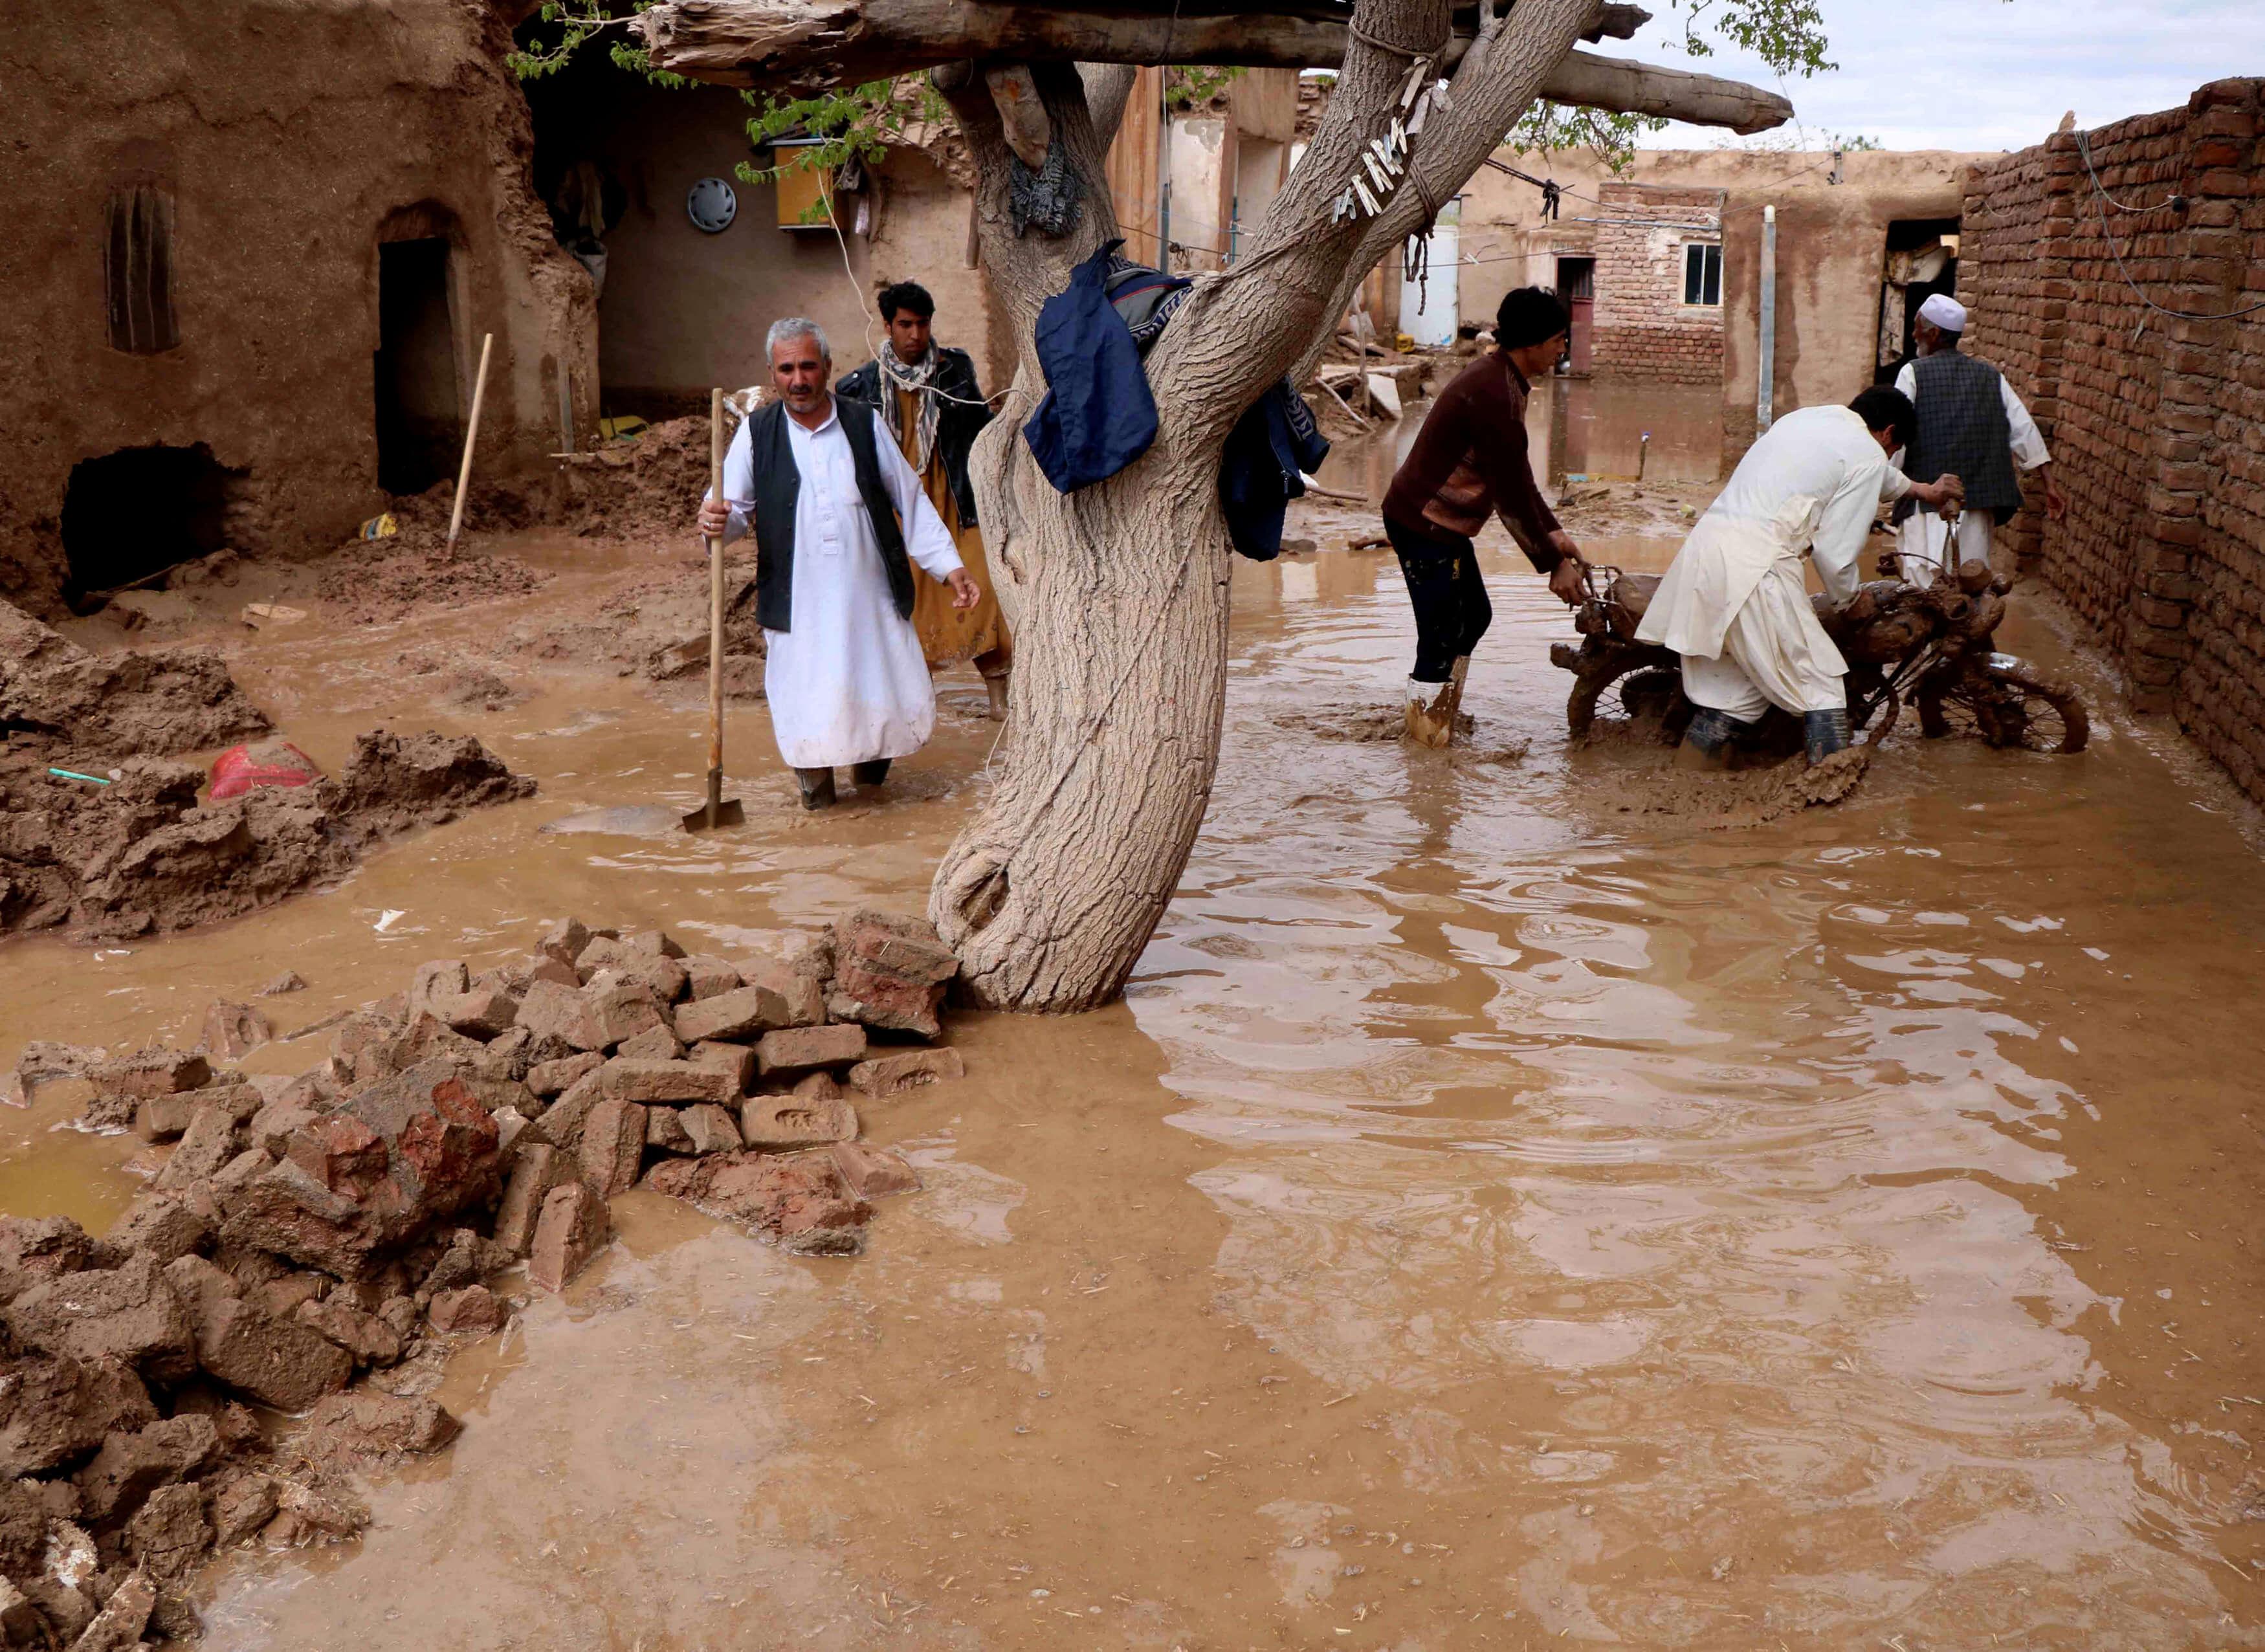 Αφγανιστάν: 35 οι νεκροί από τις καταστροφικές πλημμύρες